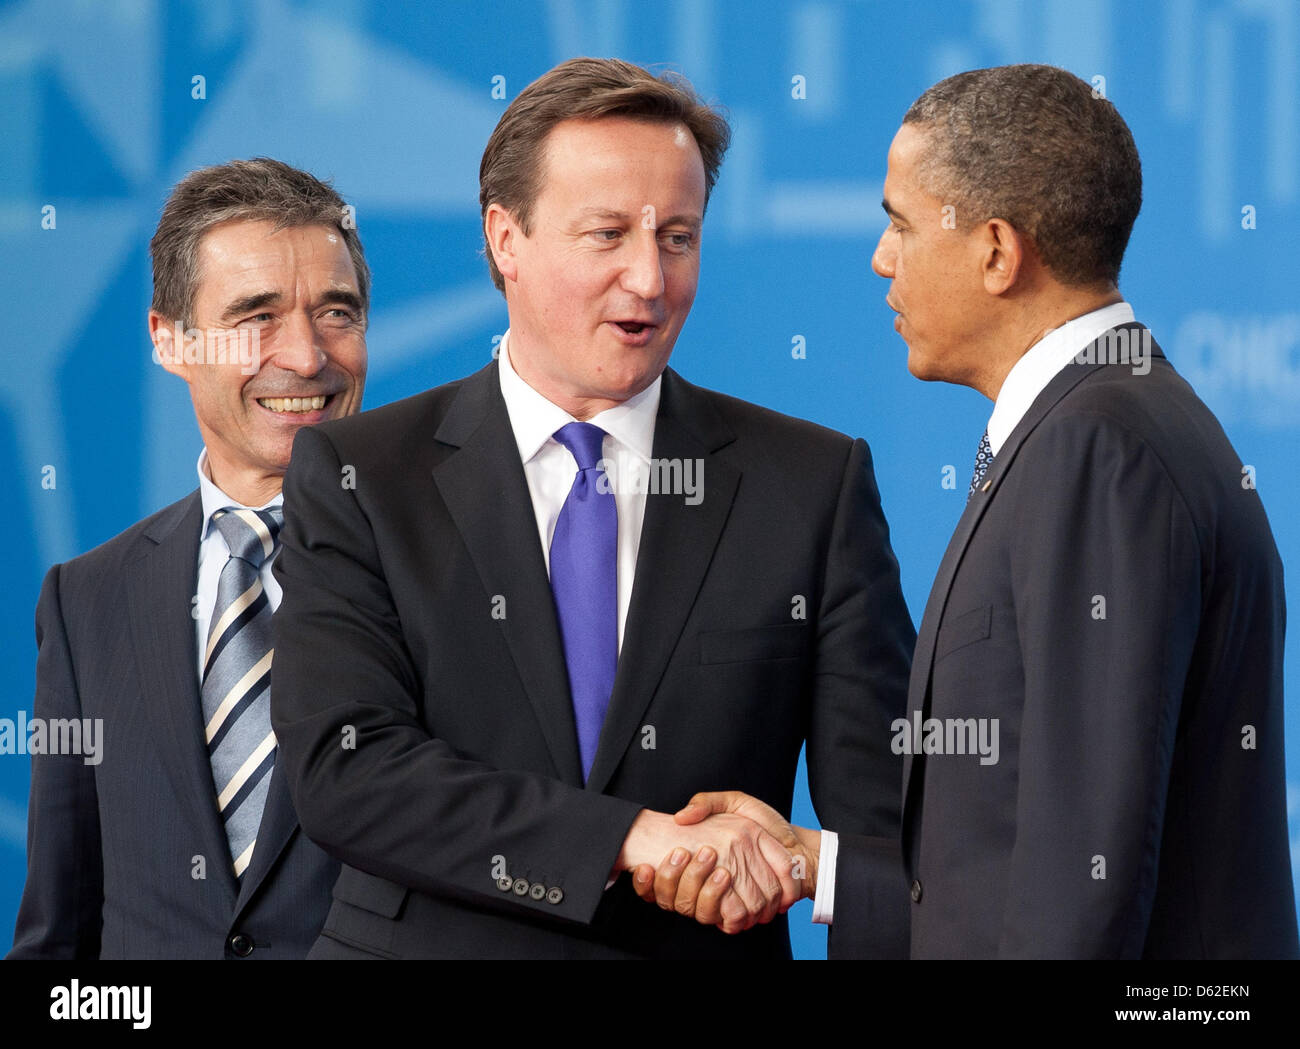 Nato-Generalsekretär Anders Fogh Rasmussen (l) und der amerikanische Präsident Barack Obama (r) begrüßen - Stock Image